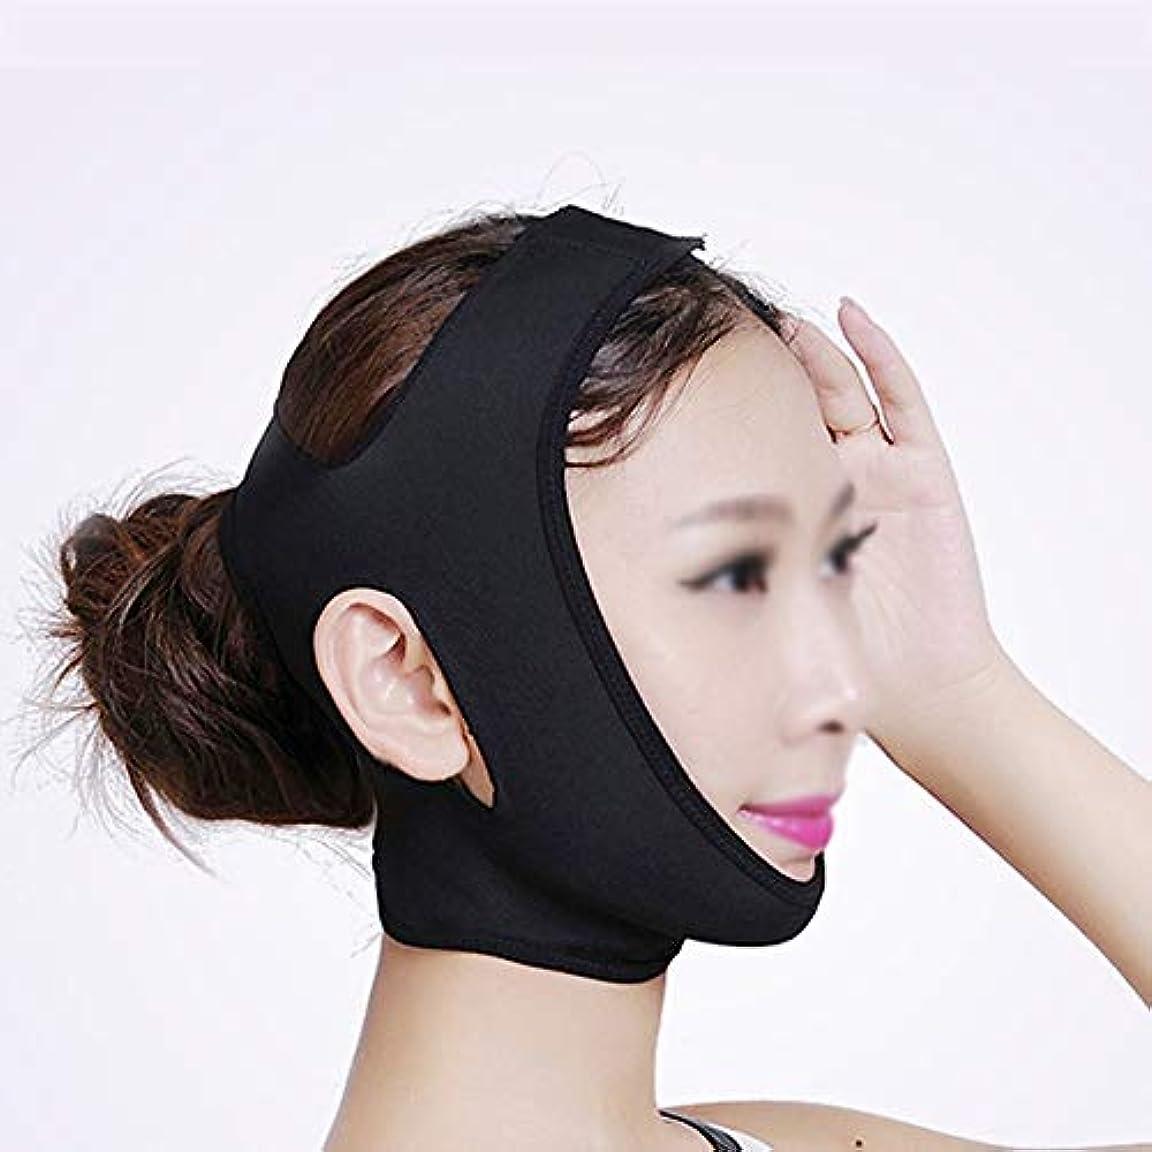 フィードバック欲求不満定刻XHLMRMJ 減量の包帯、顔の持ち上がる包帯、二重あごを減らすために持ち上がるベルトを取除く顔の減量のマスクの持ち上がる表面、フェイスマスク、二重あご (Color : Black, Size : XL)